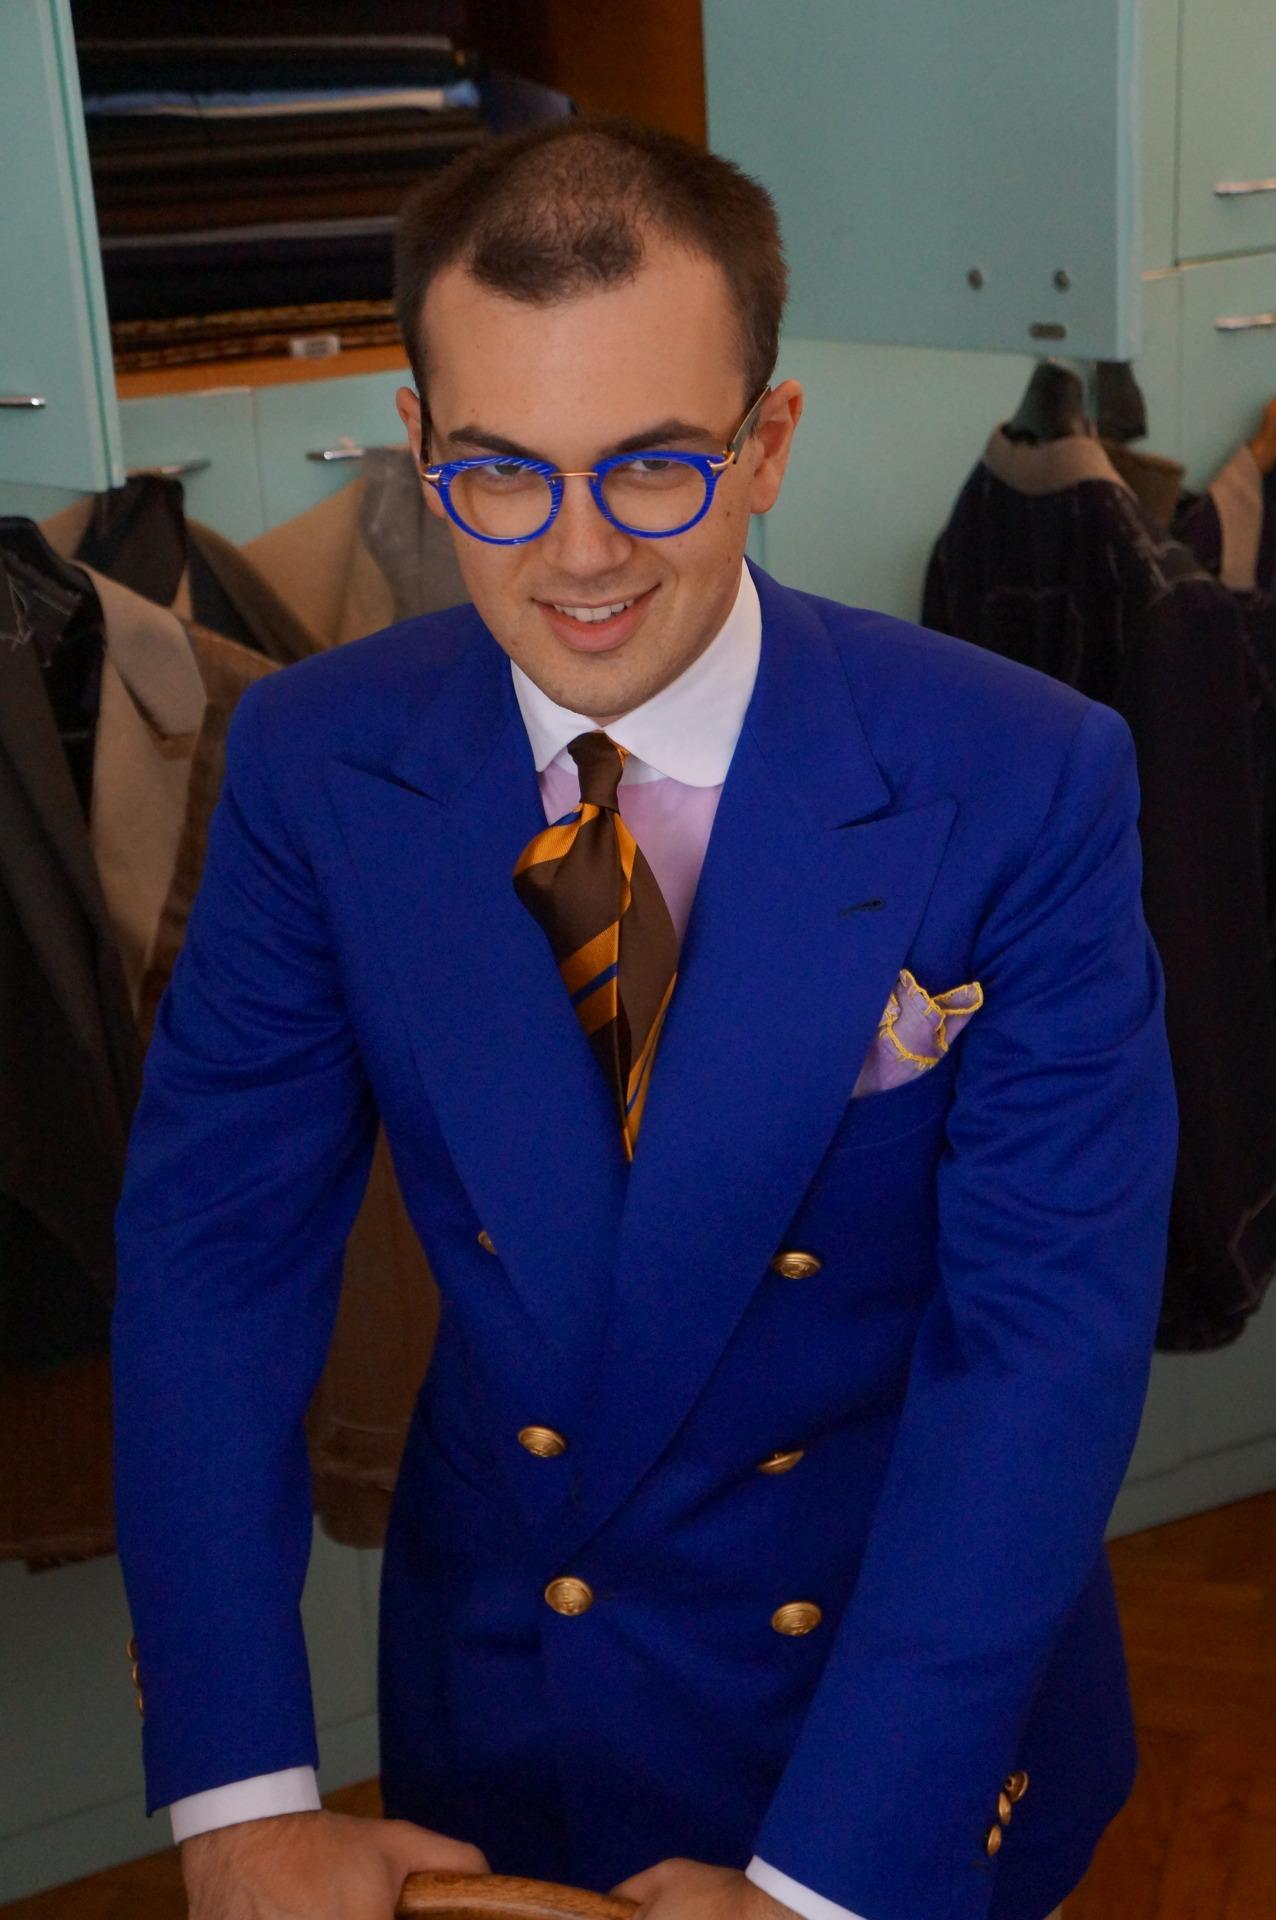 Le protagoniste principal de cette sombre affaire, signore Gianni Cerruti, cravatier dilettante et mythomane patenté. (Source: Musella Dembech Milano)